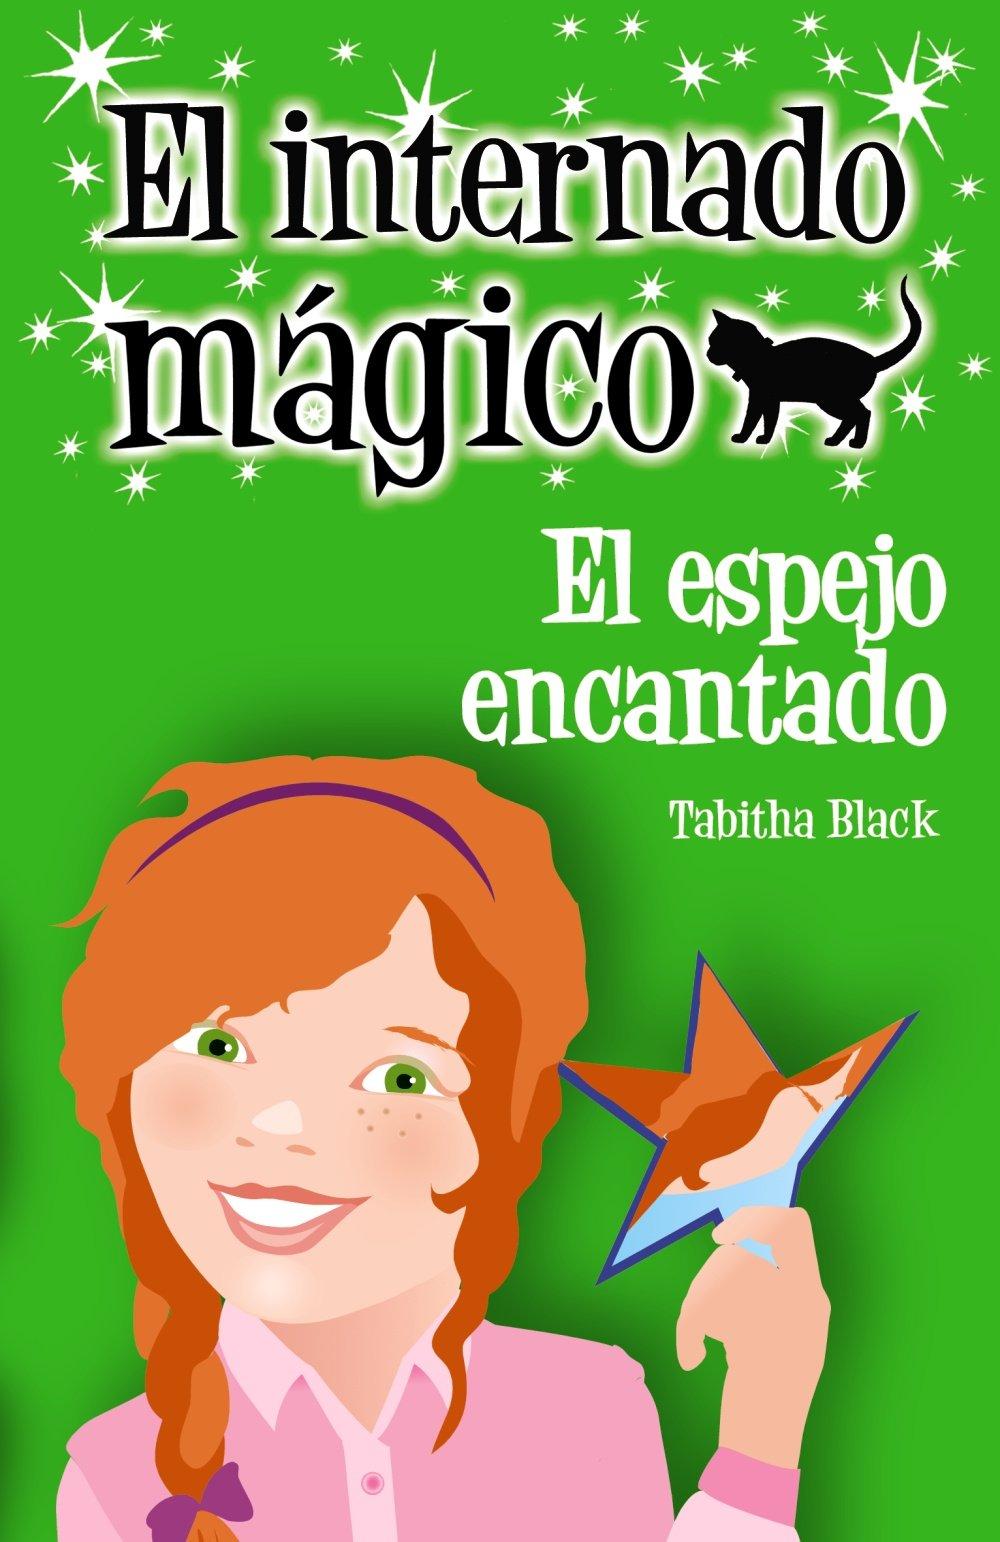 El espejo encantado Literatura Infantil 6-11 Años - El Internado Mágico: Amazon.es: Tabitha Black, Margaret Chamberlain, Redactores en red: Libros